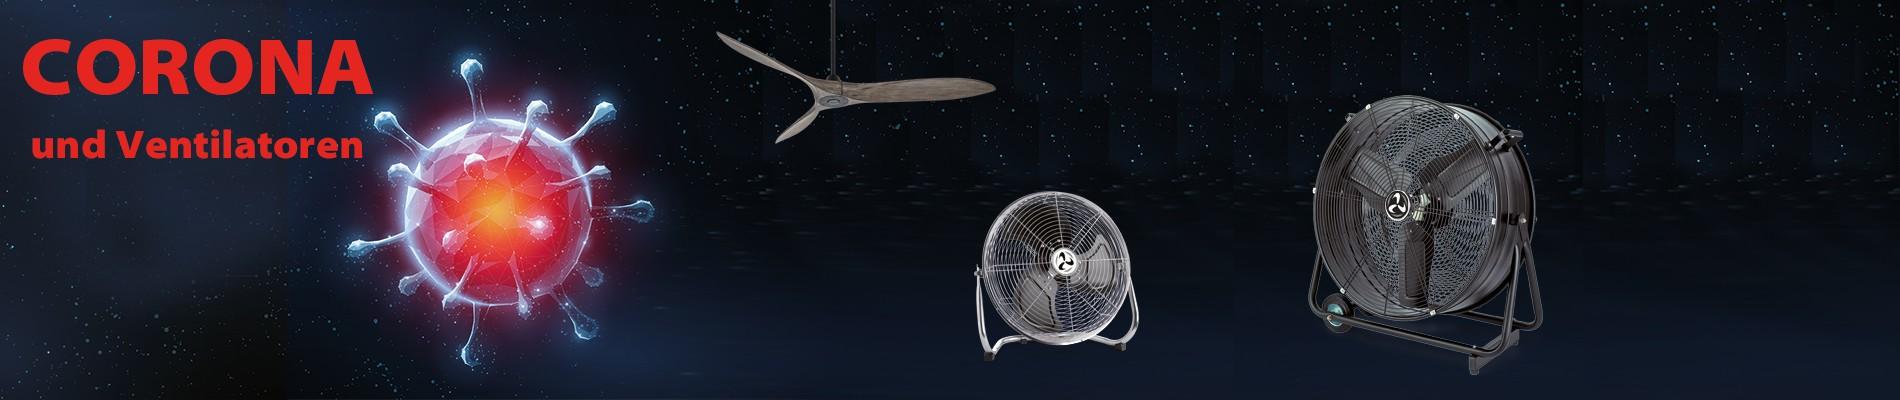 Corona (Covid-19) und Ventilatoren